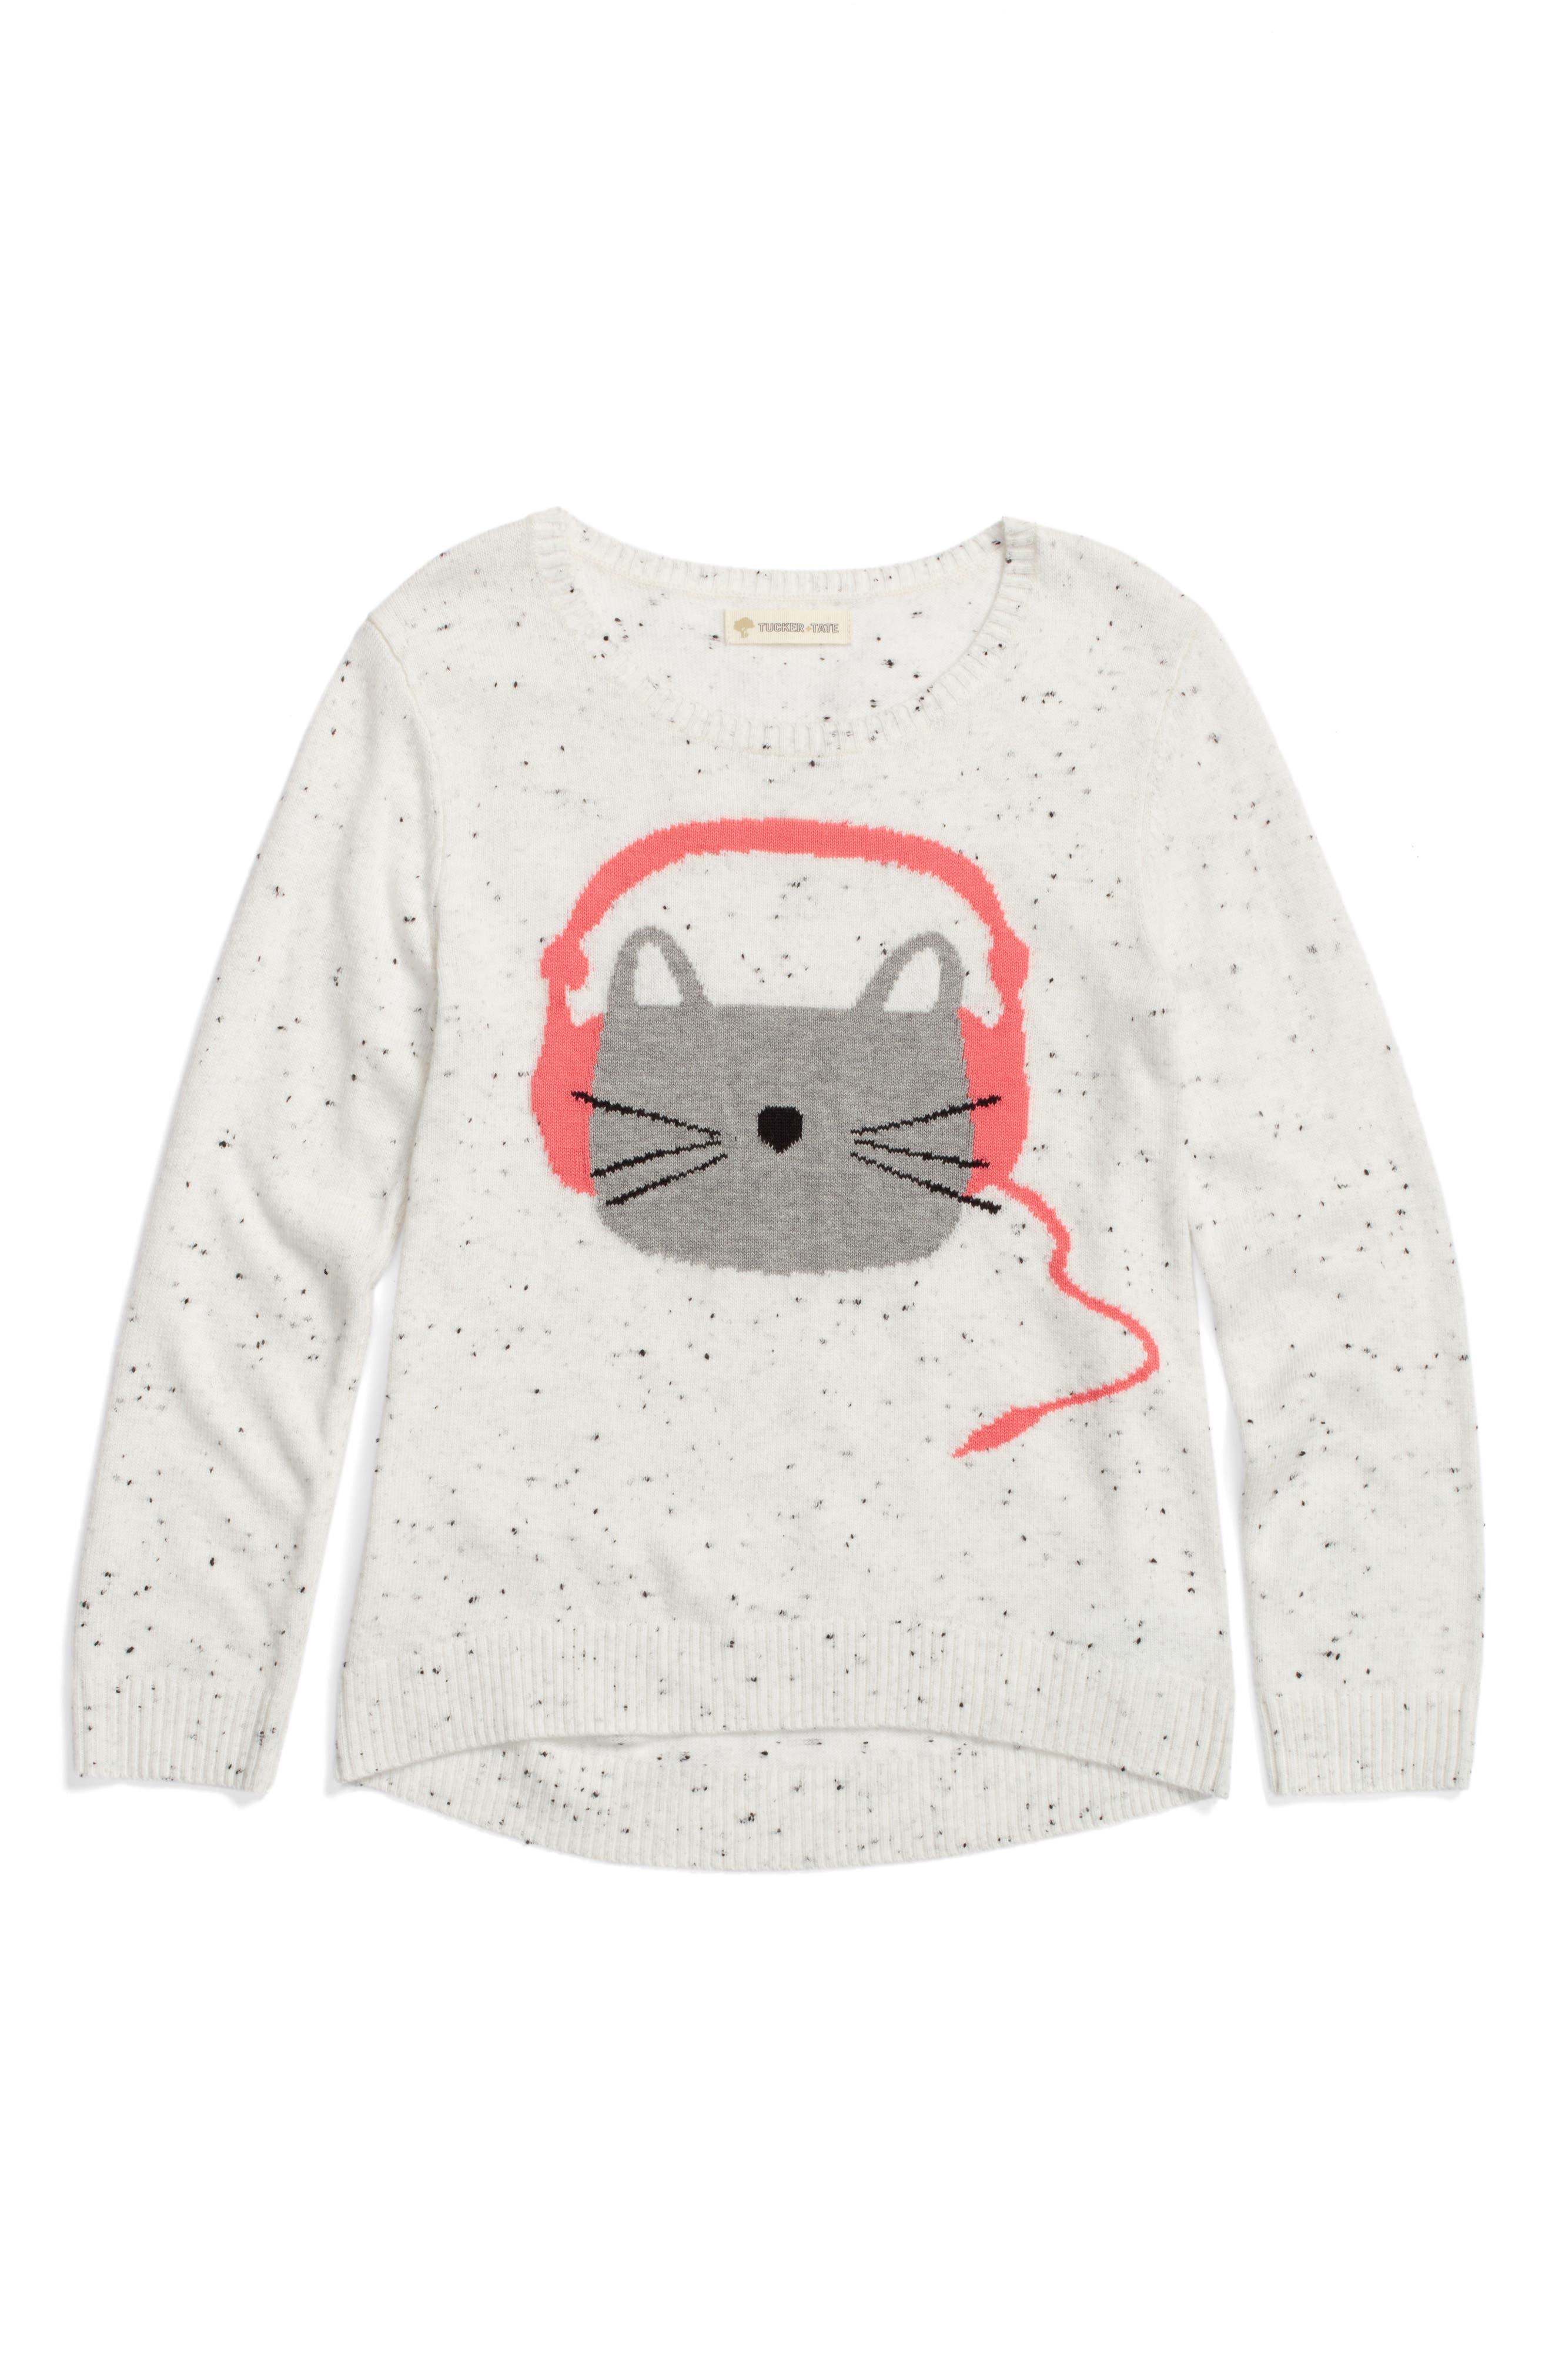 Main Image - Tucker + Tate Icon Sweater (Toddler Girls, Little Girls & Big Girls)